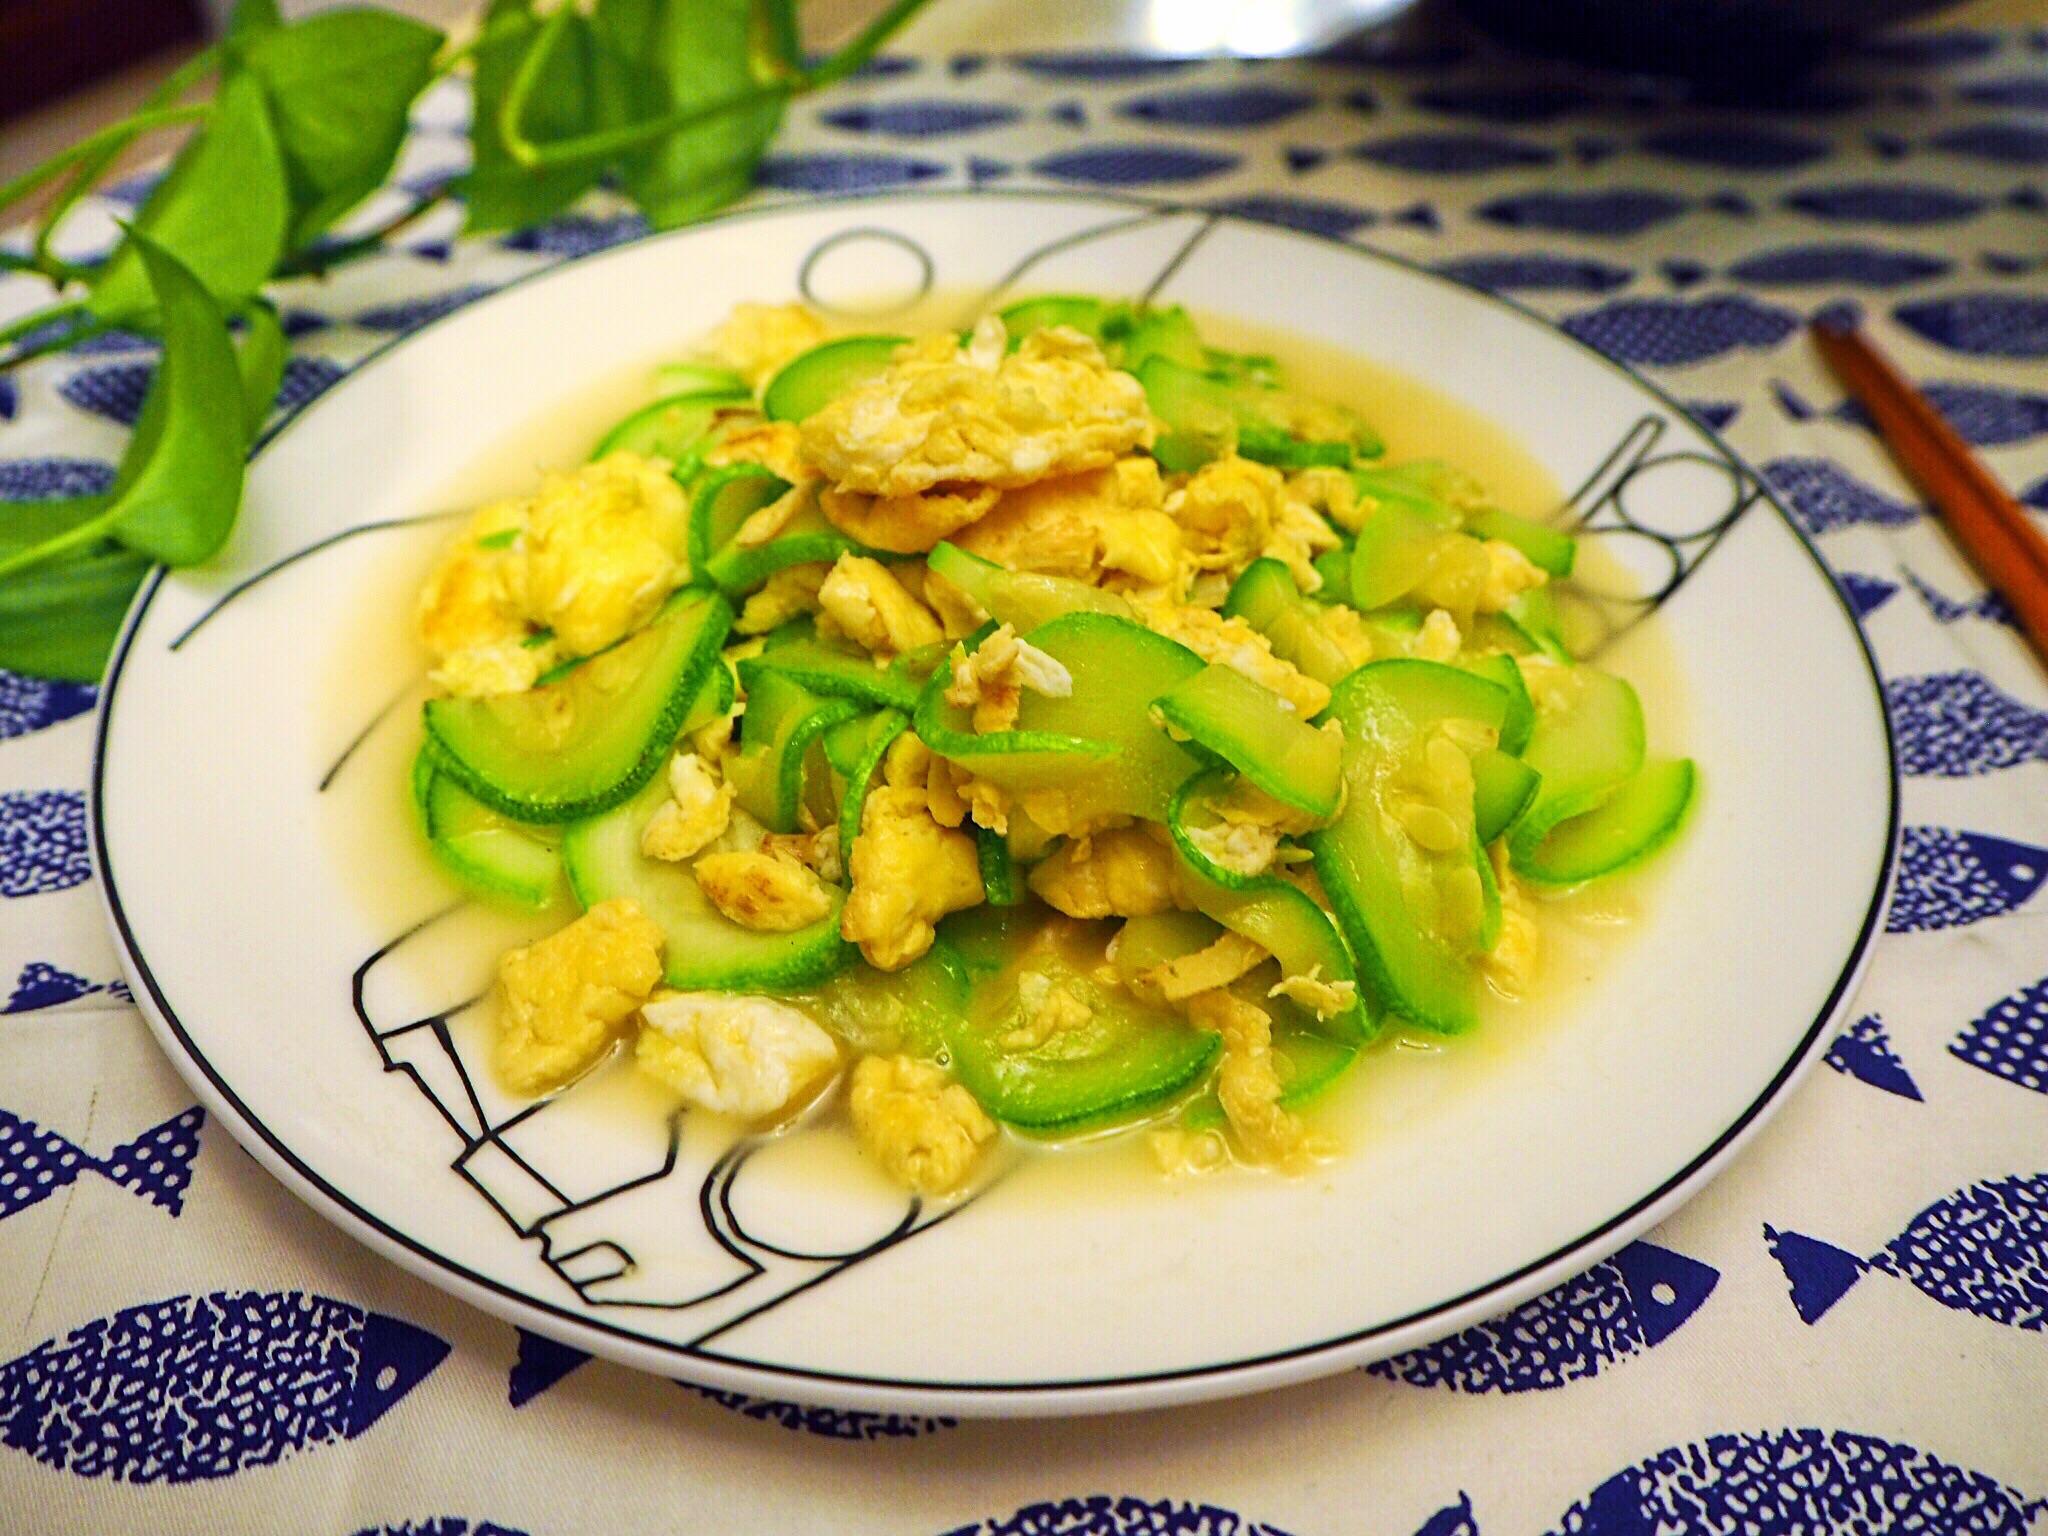 葱姜适量 盐5g 食用油8g 经典家常菜—西葫炒鸡蛋的做法步骤 小贴士